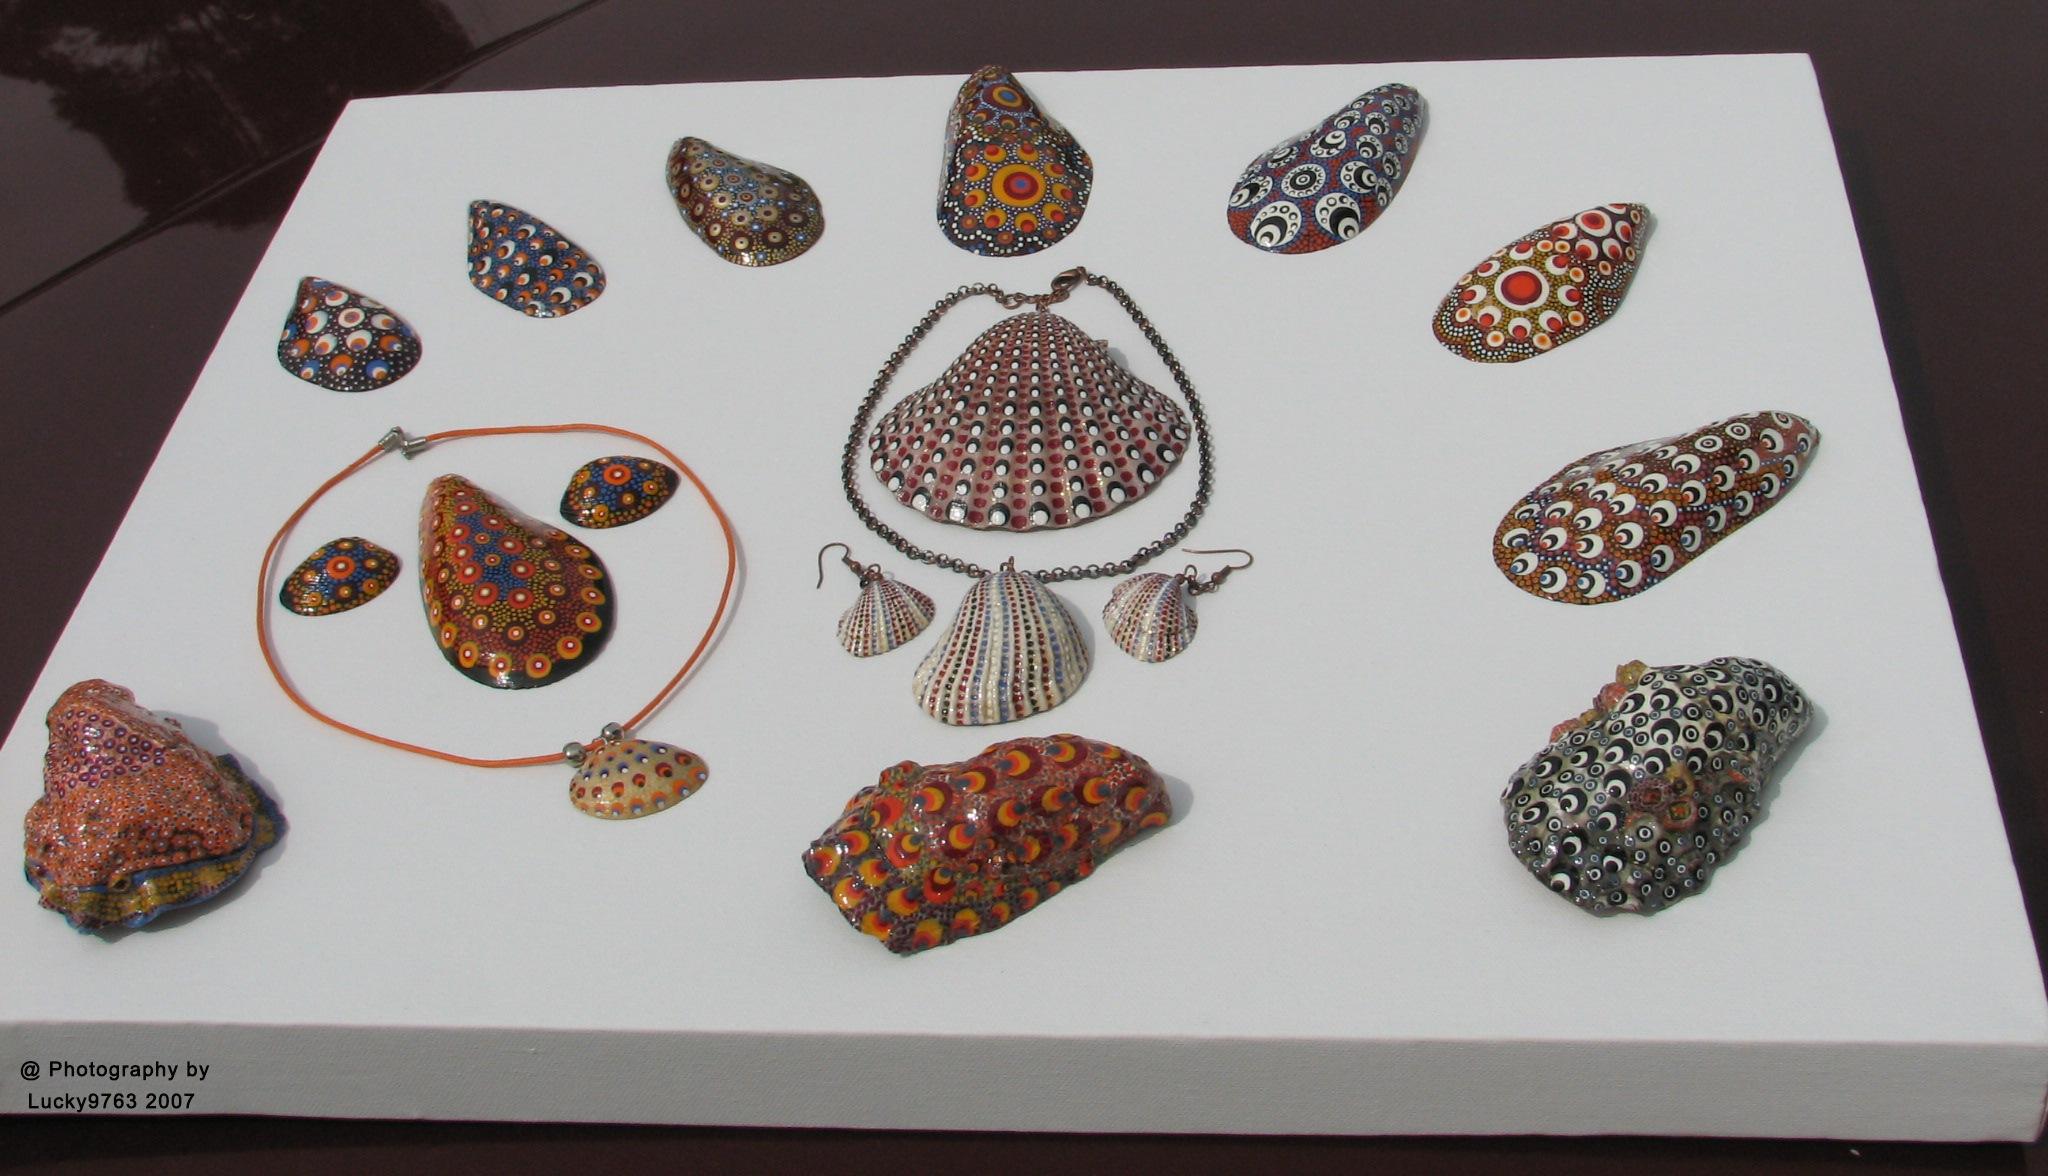 My Design on Shells 2007 by Attila Erdei